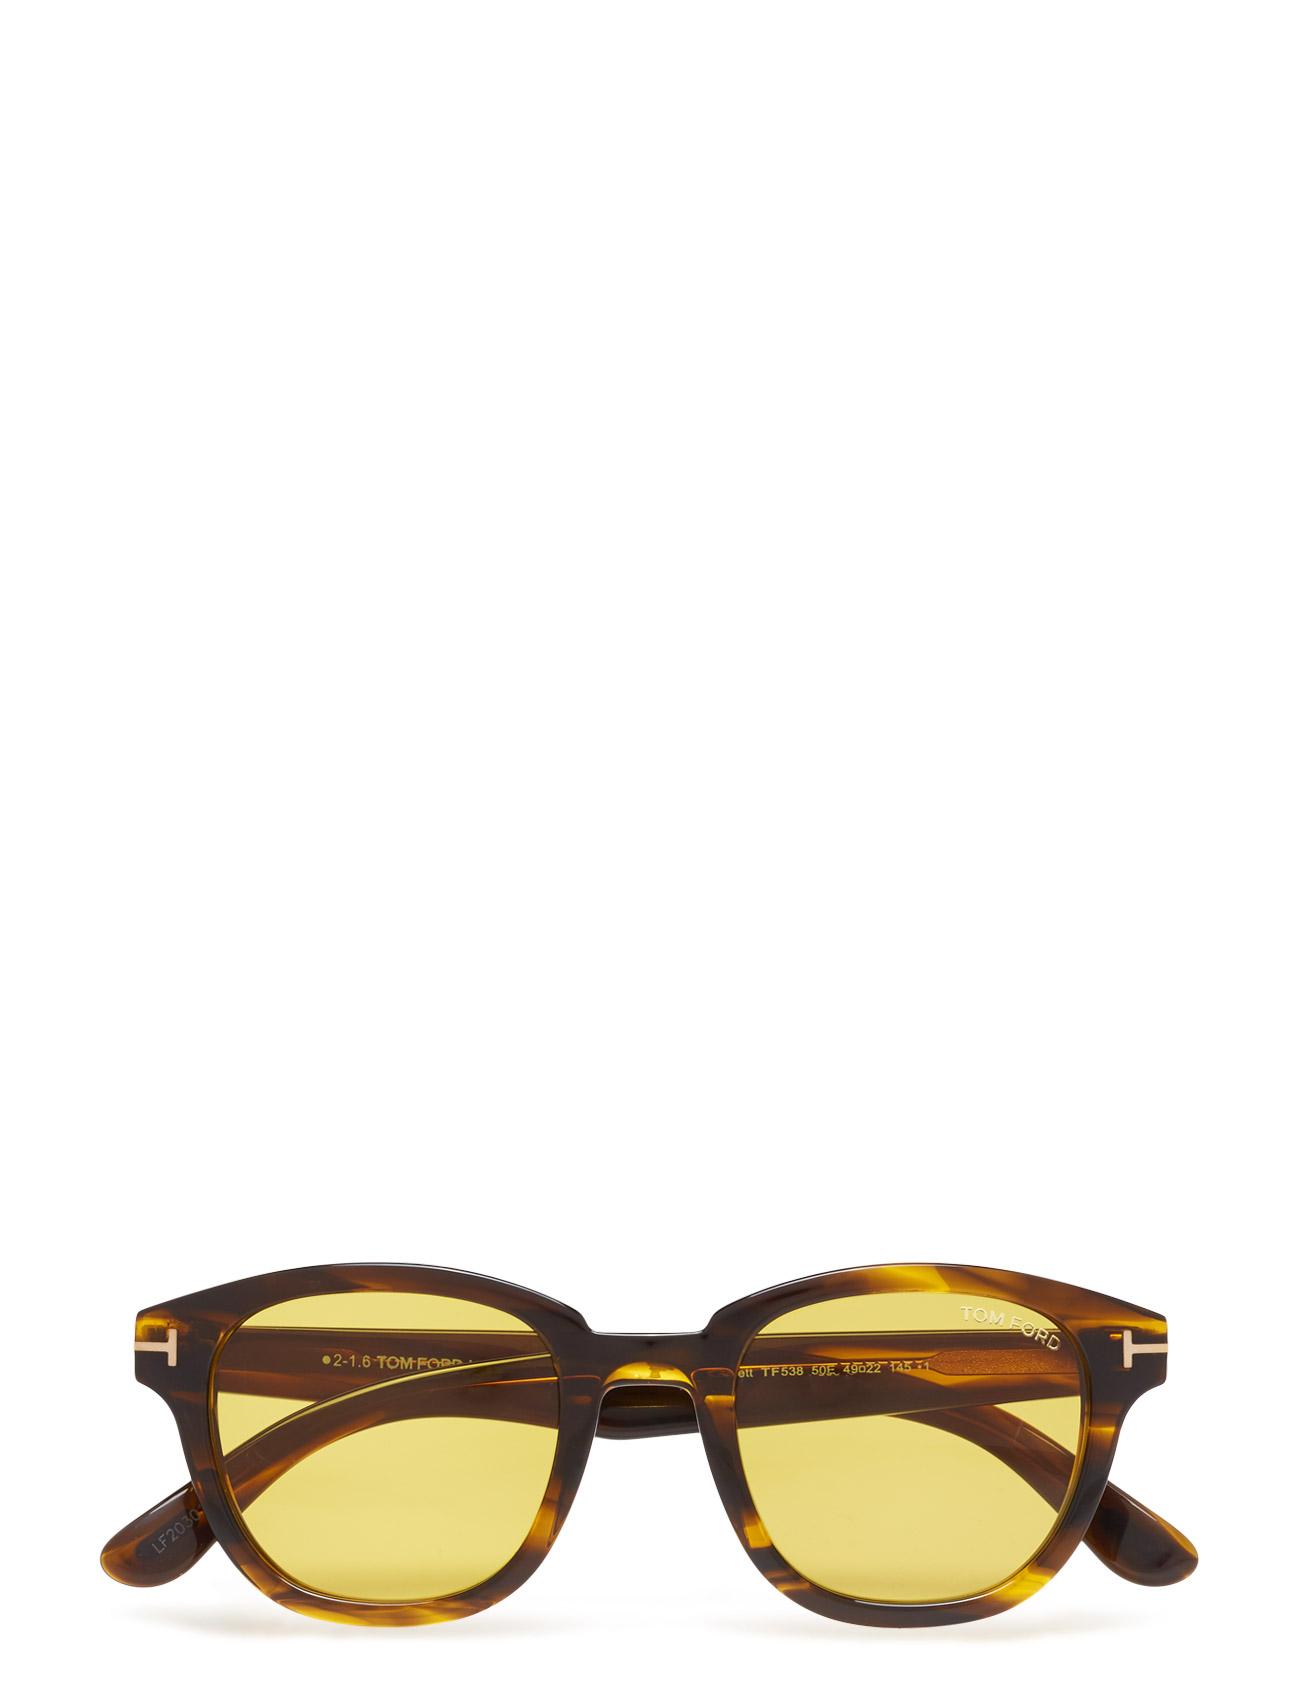 Tom Ford Garett Tom Ford Sunglasses Solbriller til Herrer i